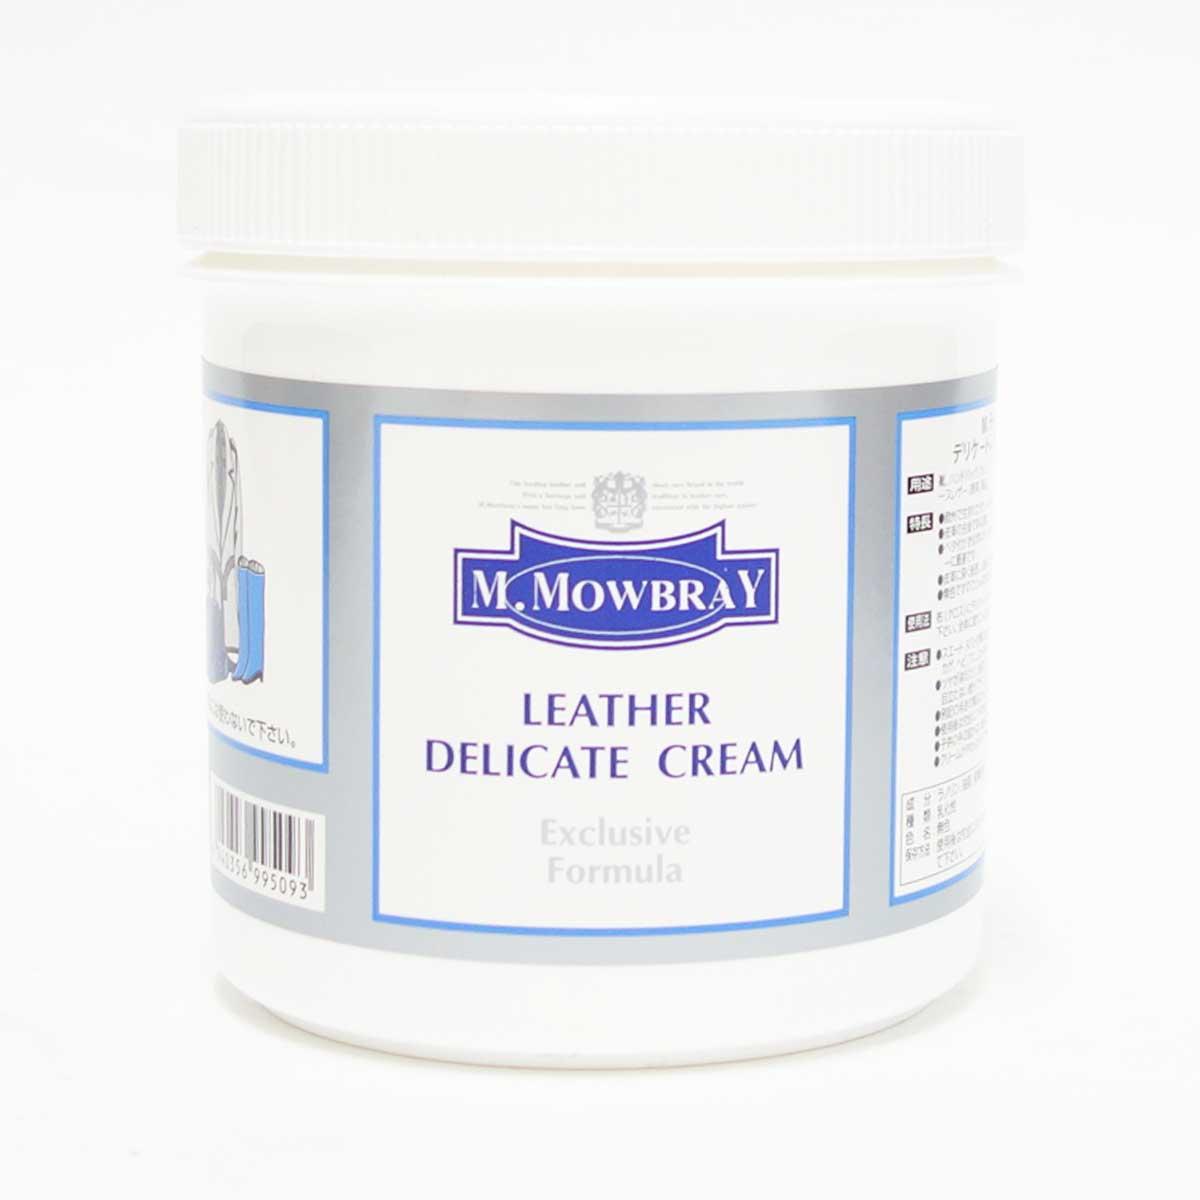 M.MOWBRAY M.モゥブレィデリケートクリーム Lサイズ(イタリア製)<BR>ソフトレザーに最適なジェル状の栄養クリーム500ml モウブレイ R&D